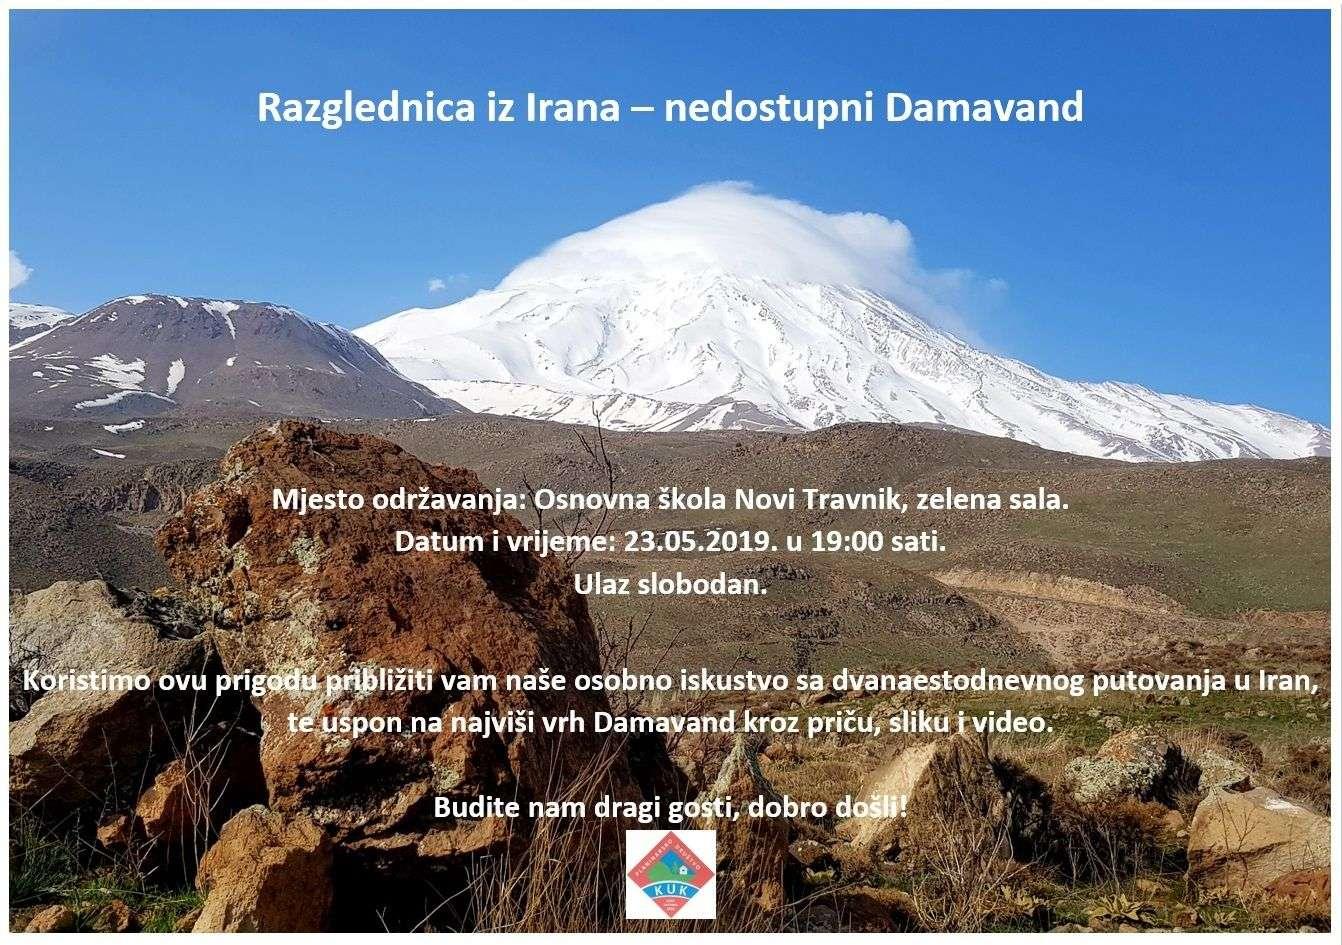 novi travnik: planinari iz središnje bosne donose iskustvo s putovanja u iran